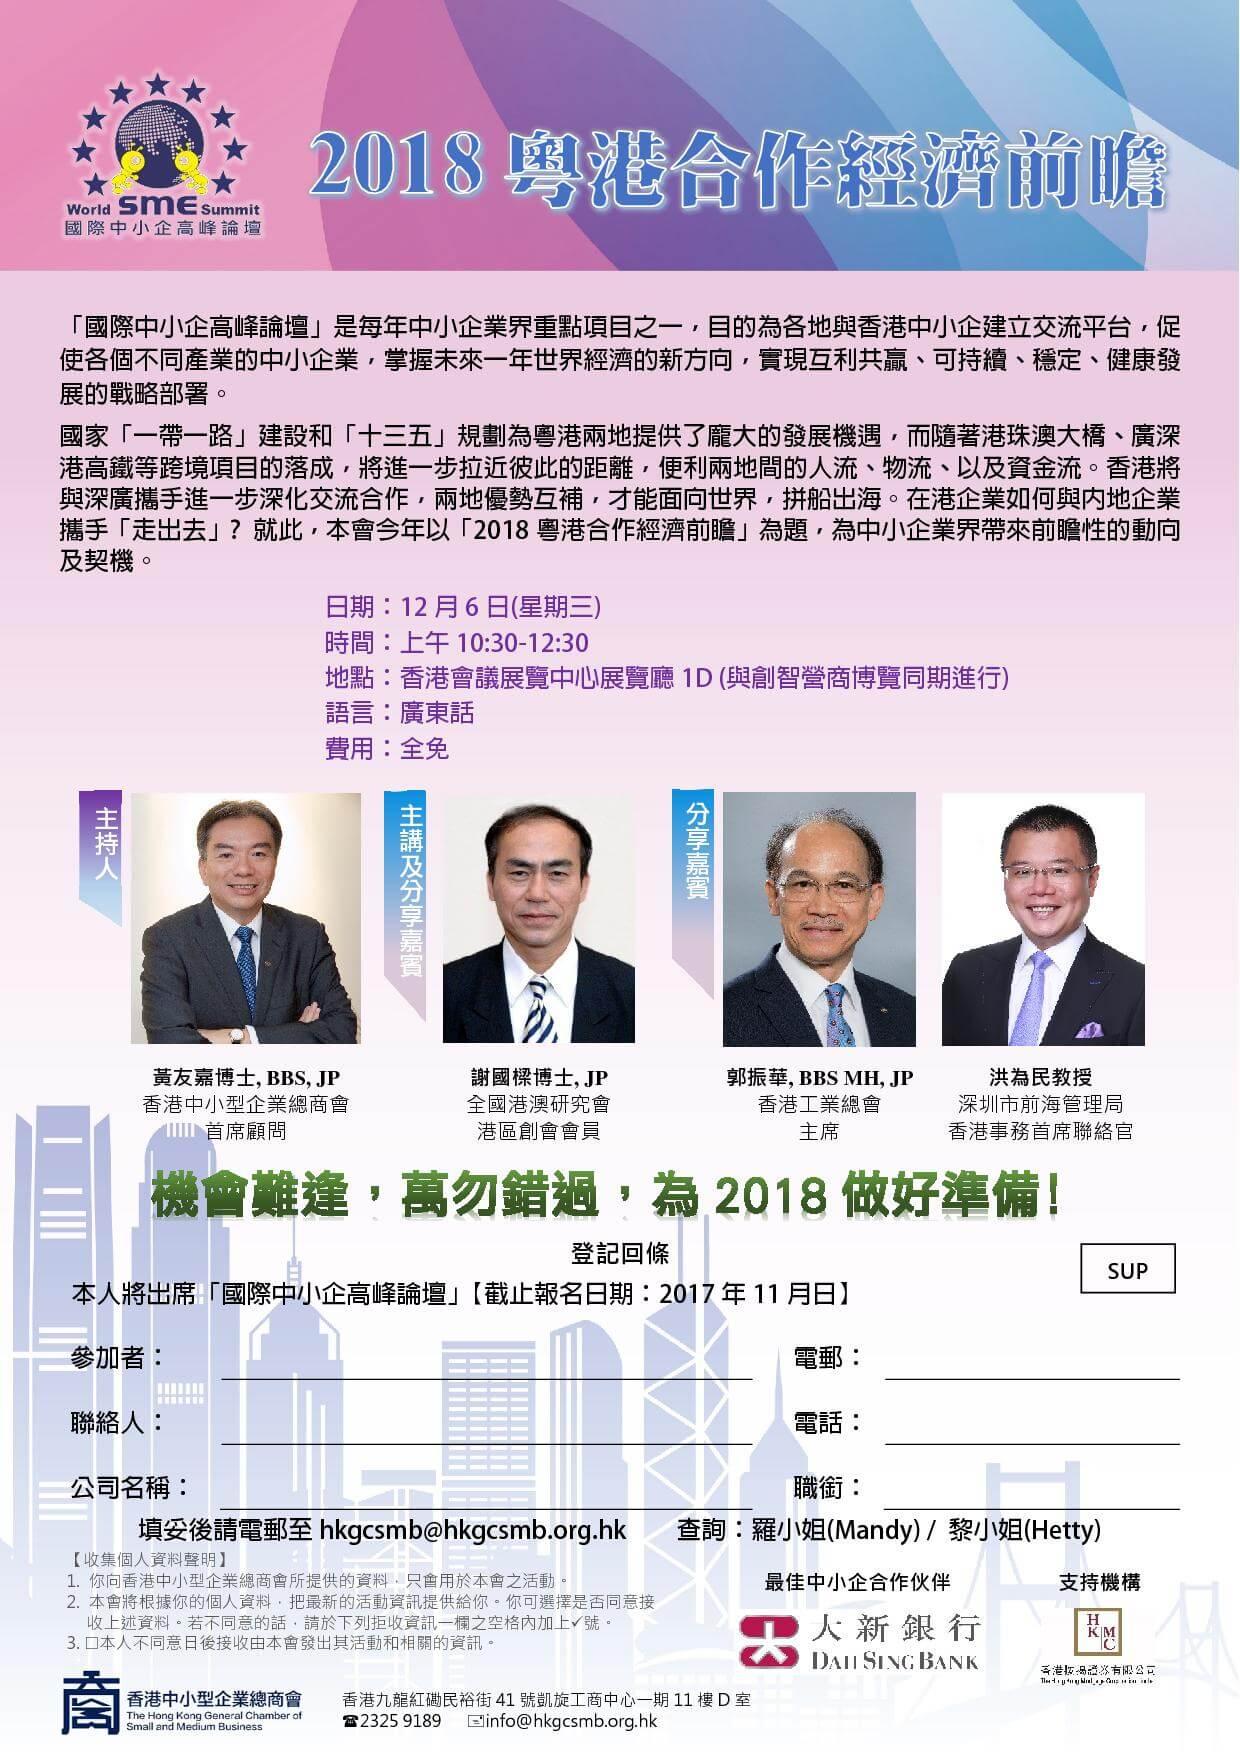 2017粵港合作經濟前瞻_SUP1